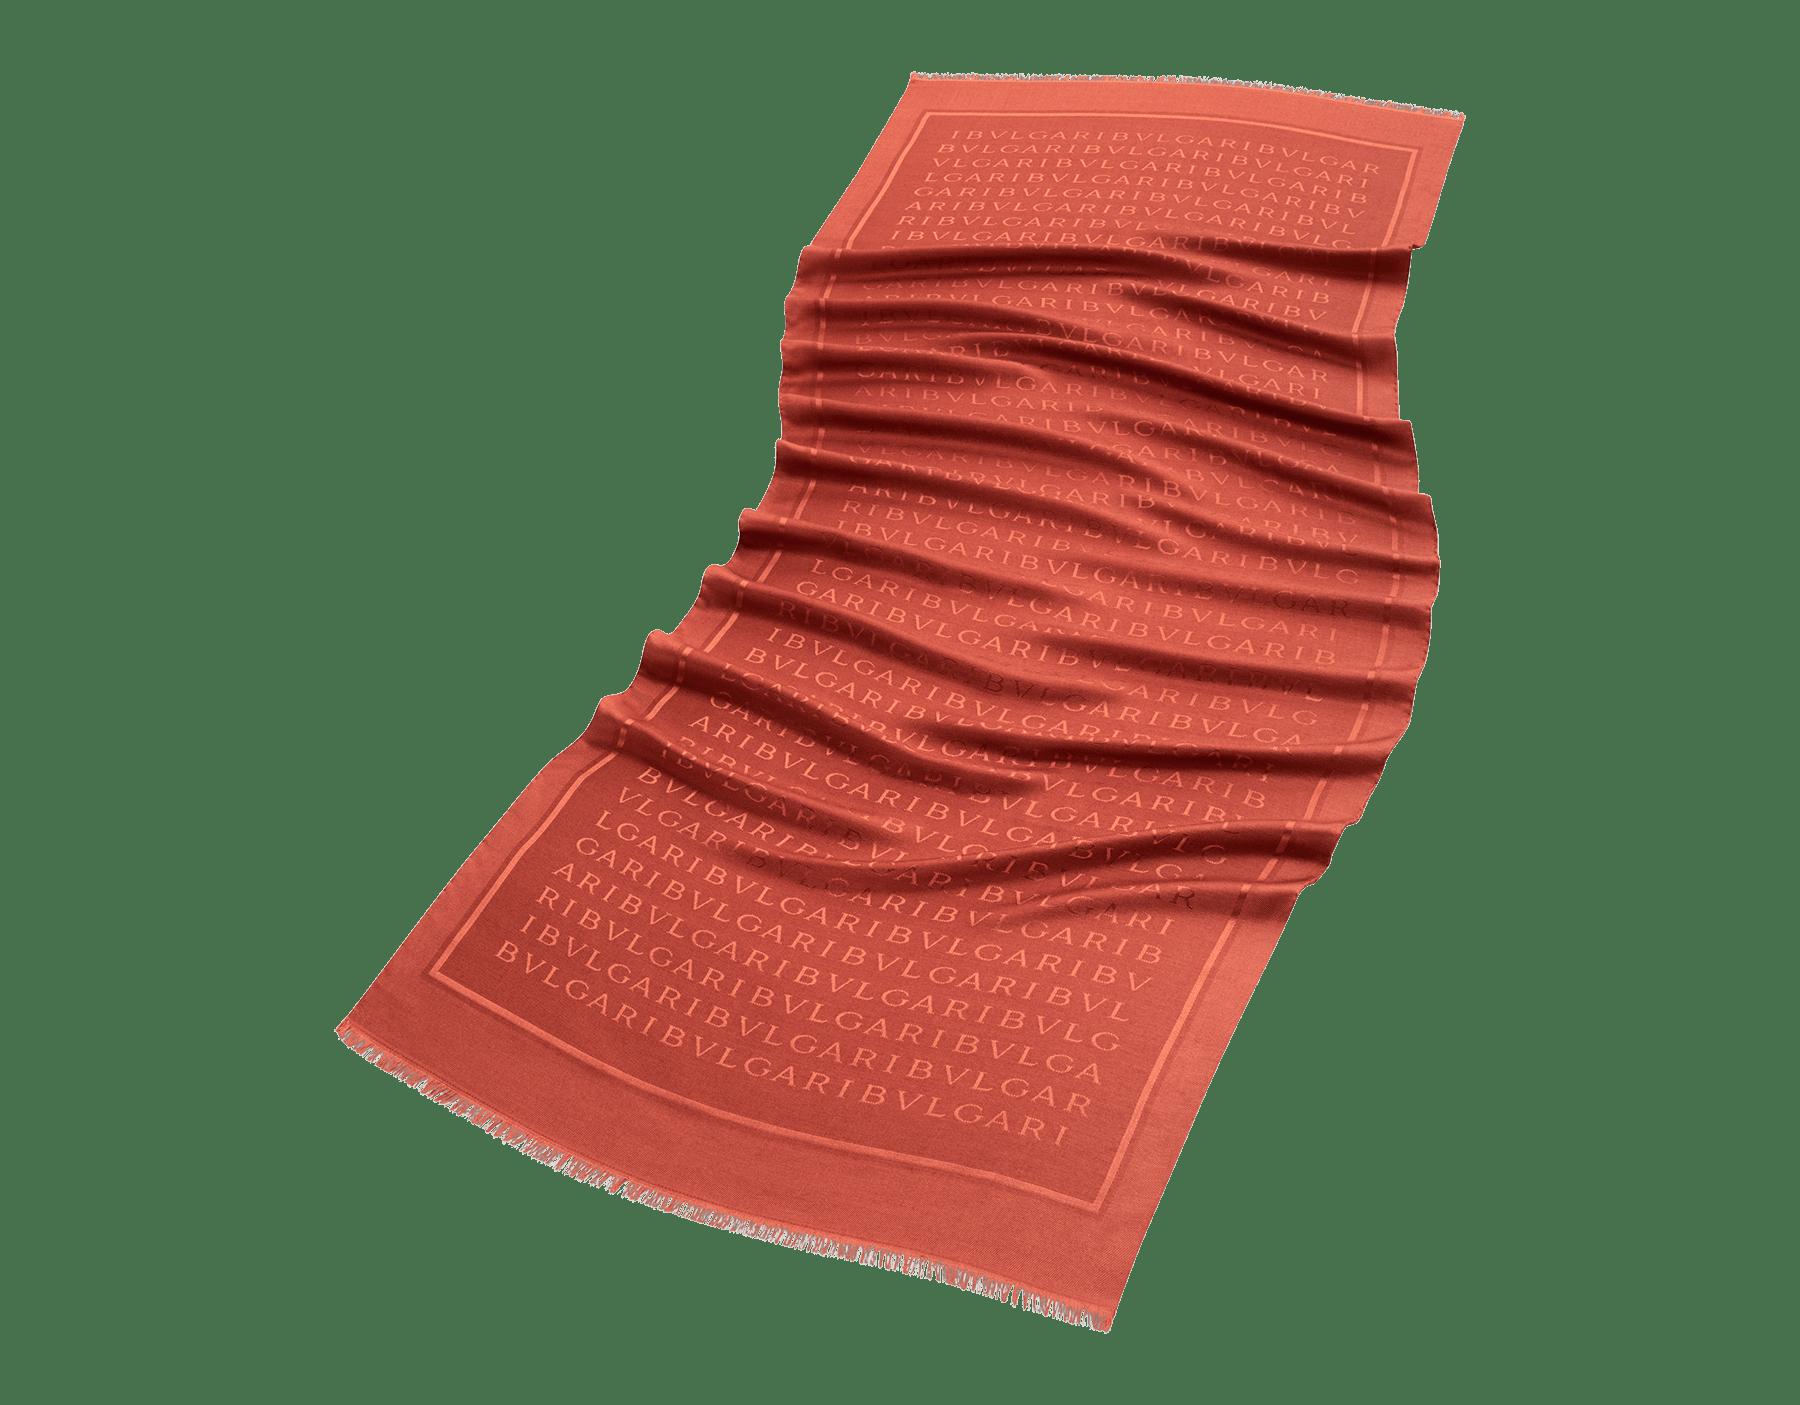 Étole Lettere Maxi couleur Imperial Topaz en laine et soie fine. 244067 image 2